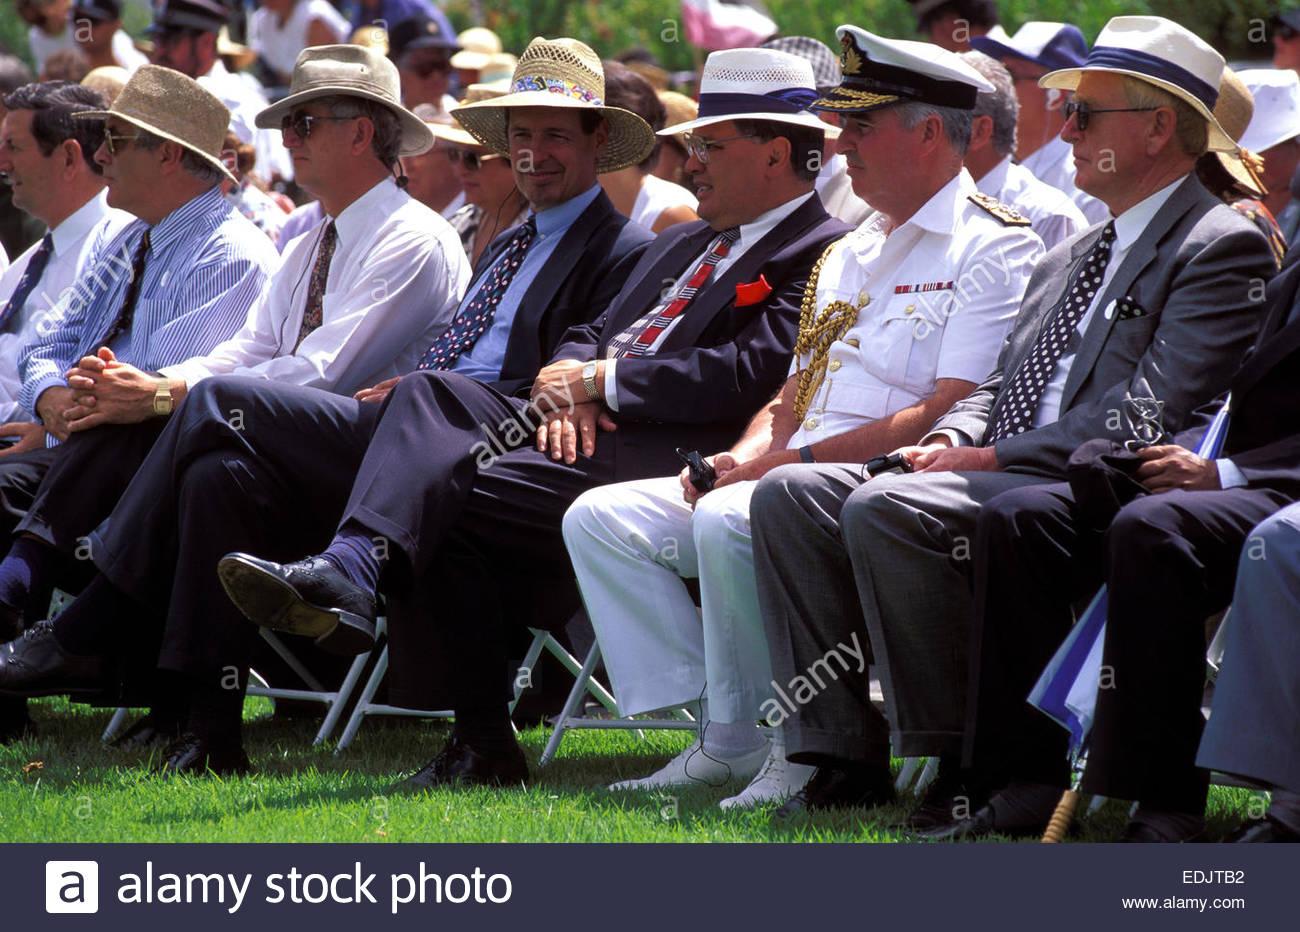 Officials during Celebration of the Waitangi Treaty, Waitangi Day, North Island, New Zealand - Stock Image